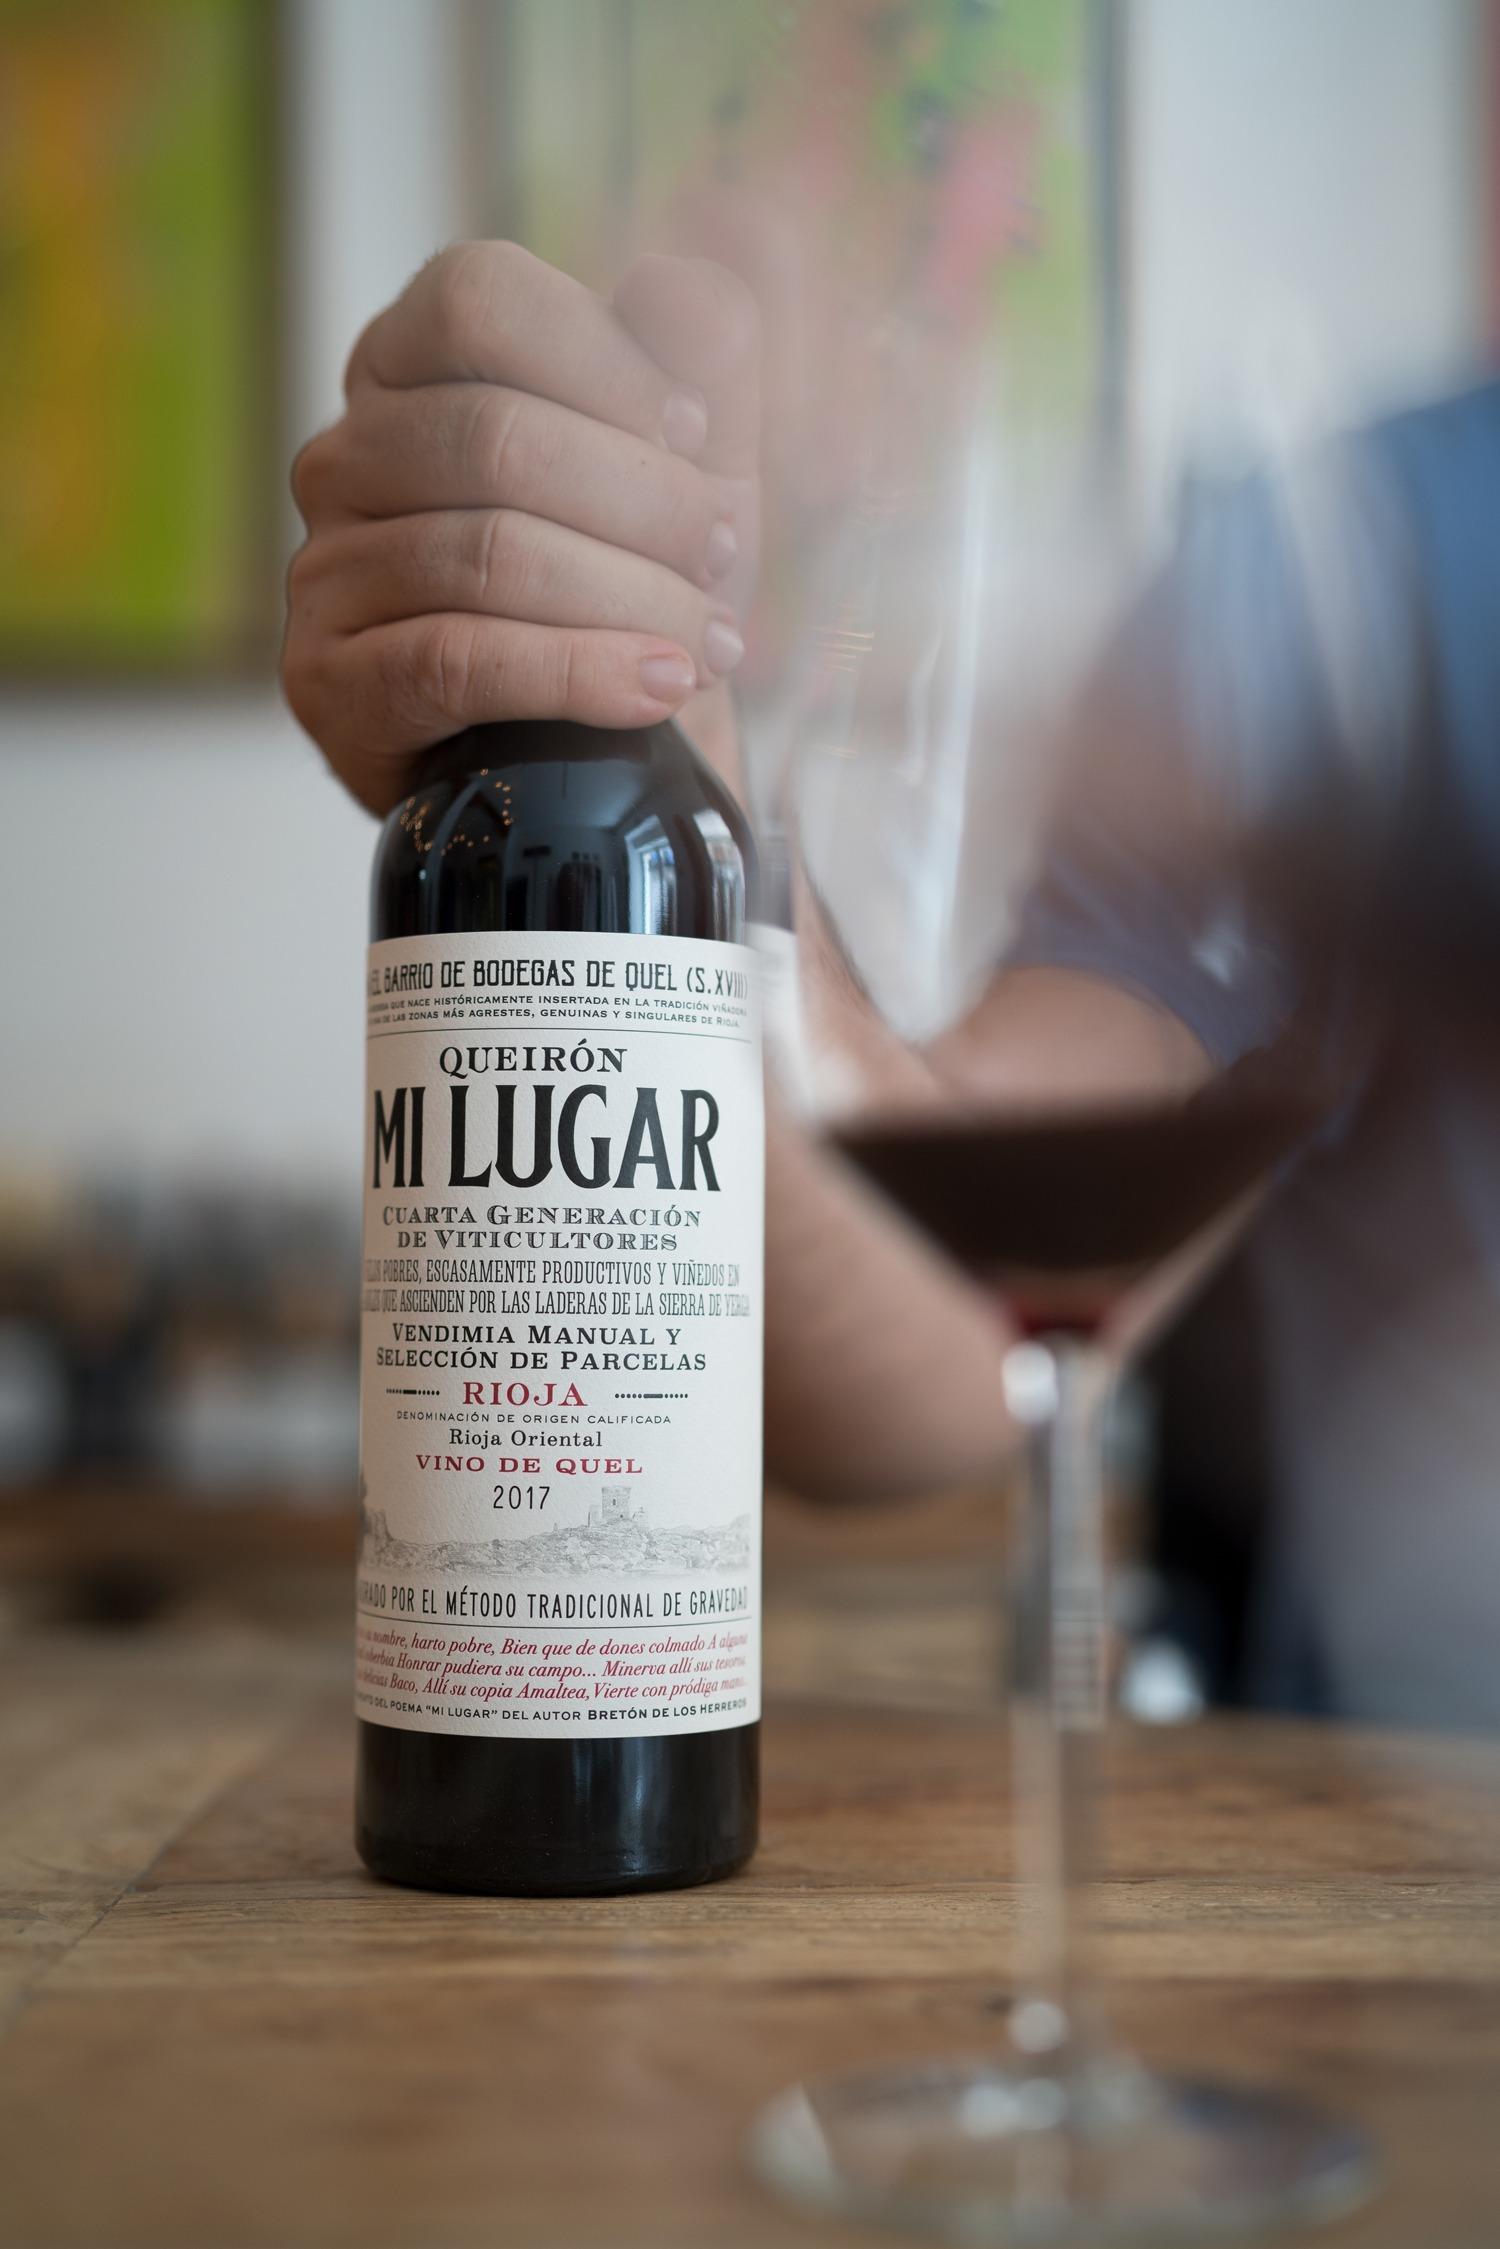 Botella de vino Mi Lugar de Rioja